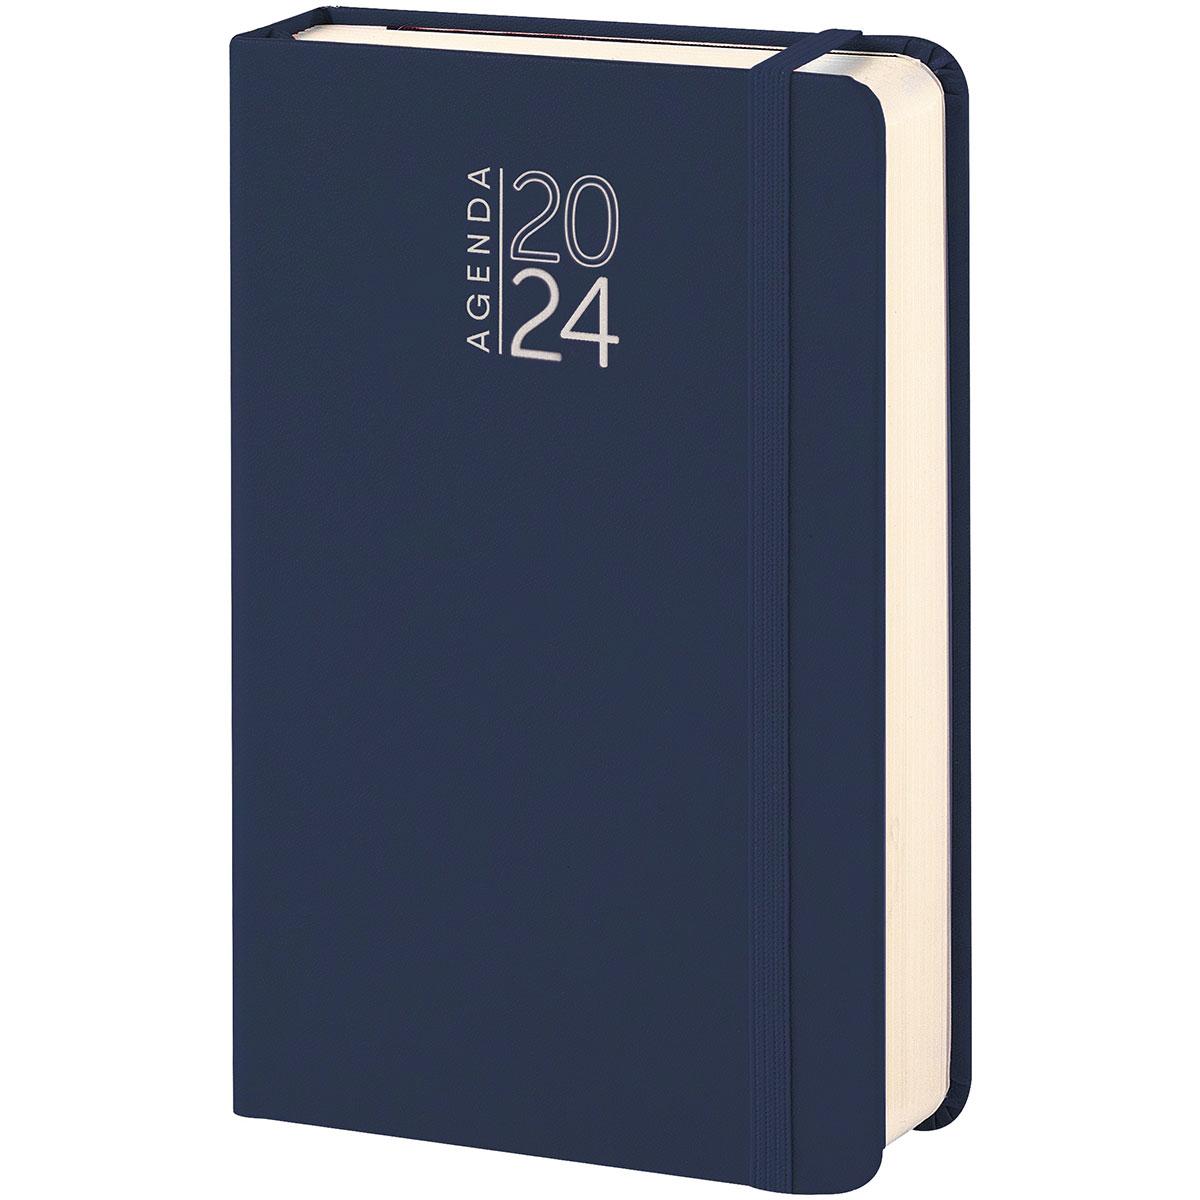 Agenda tipo moleskine colore blu personalizzata con stampa a colori